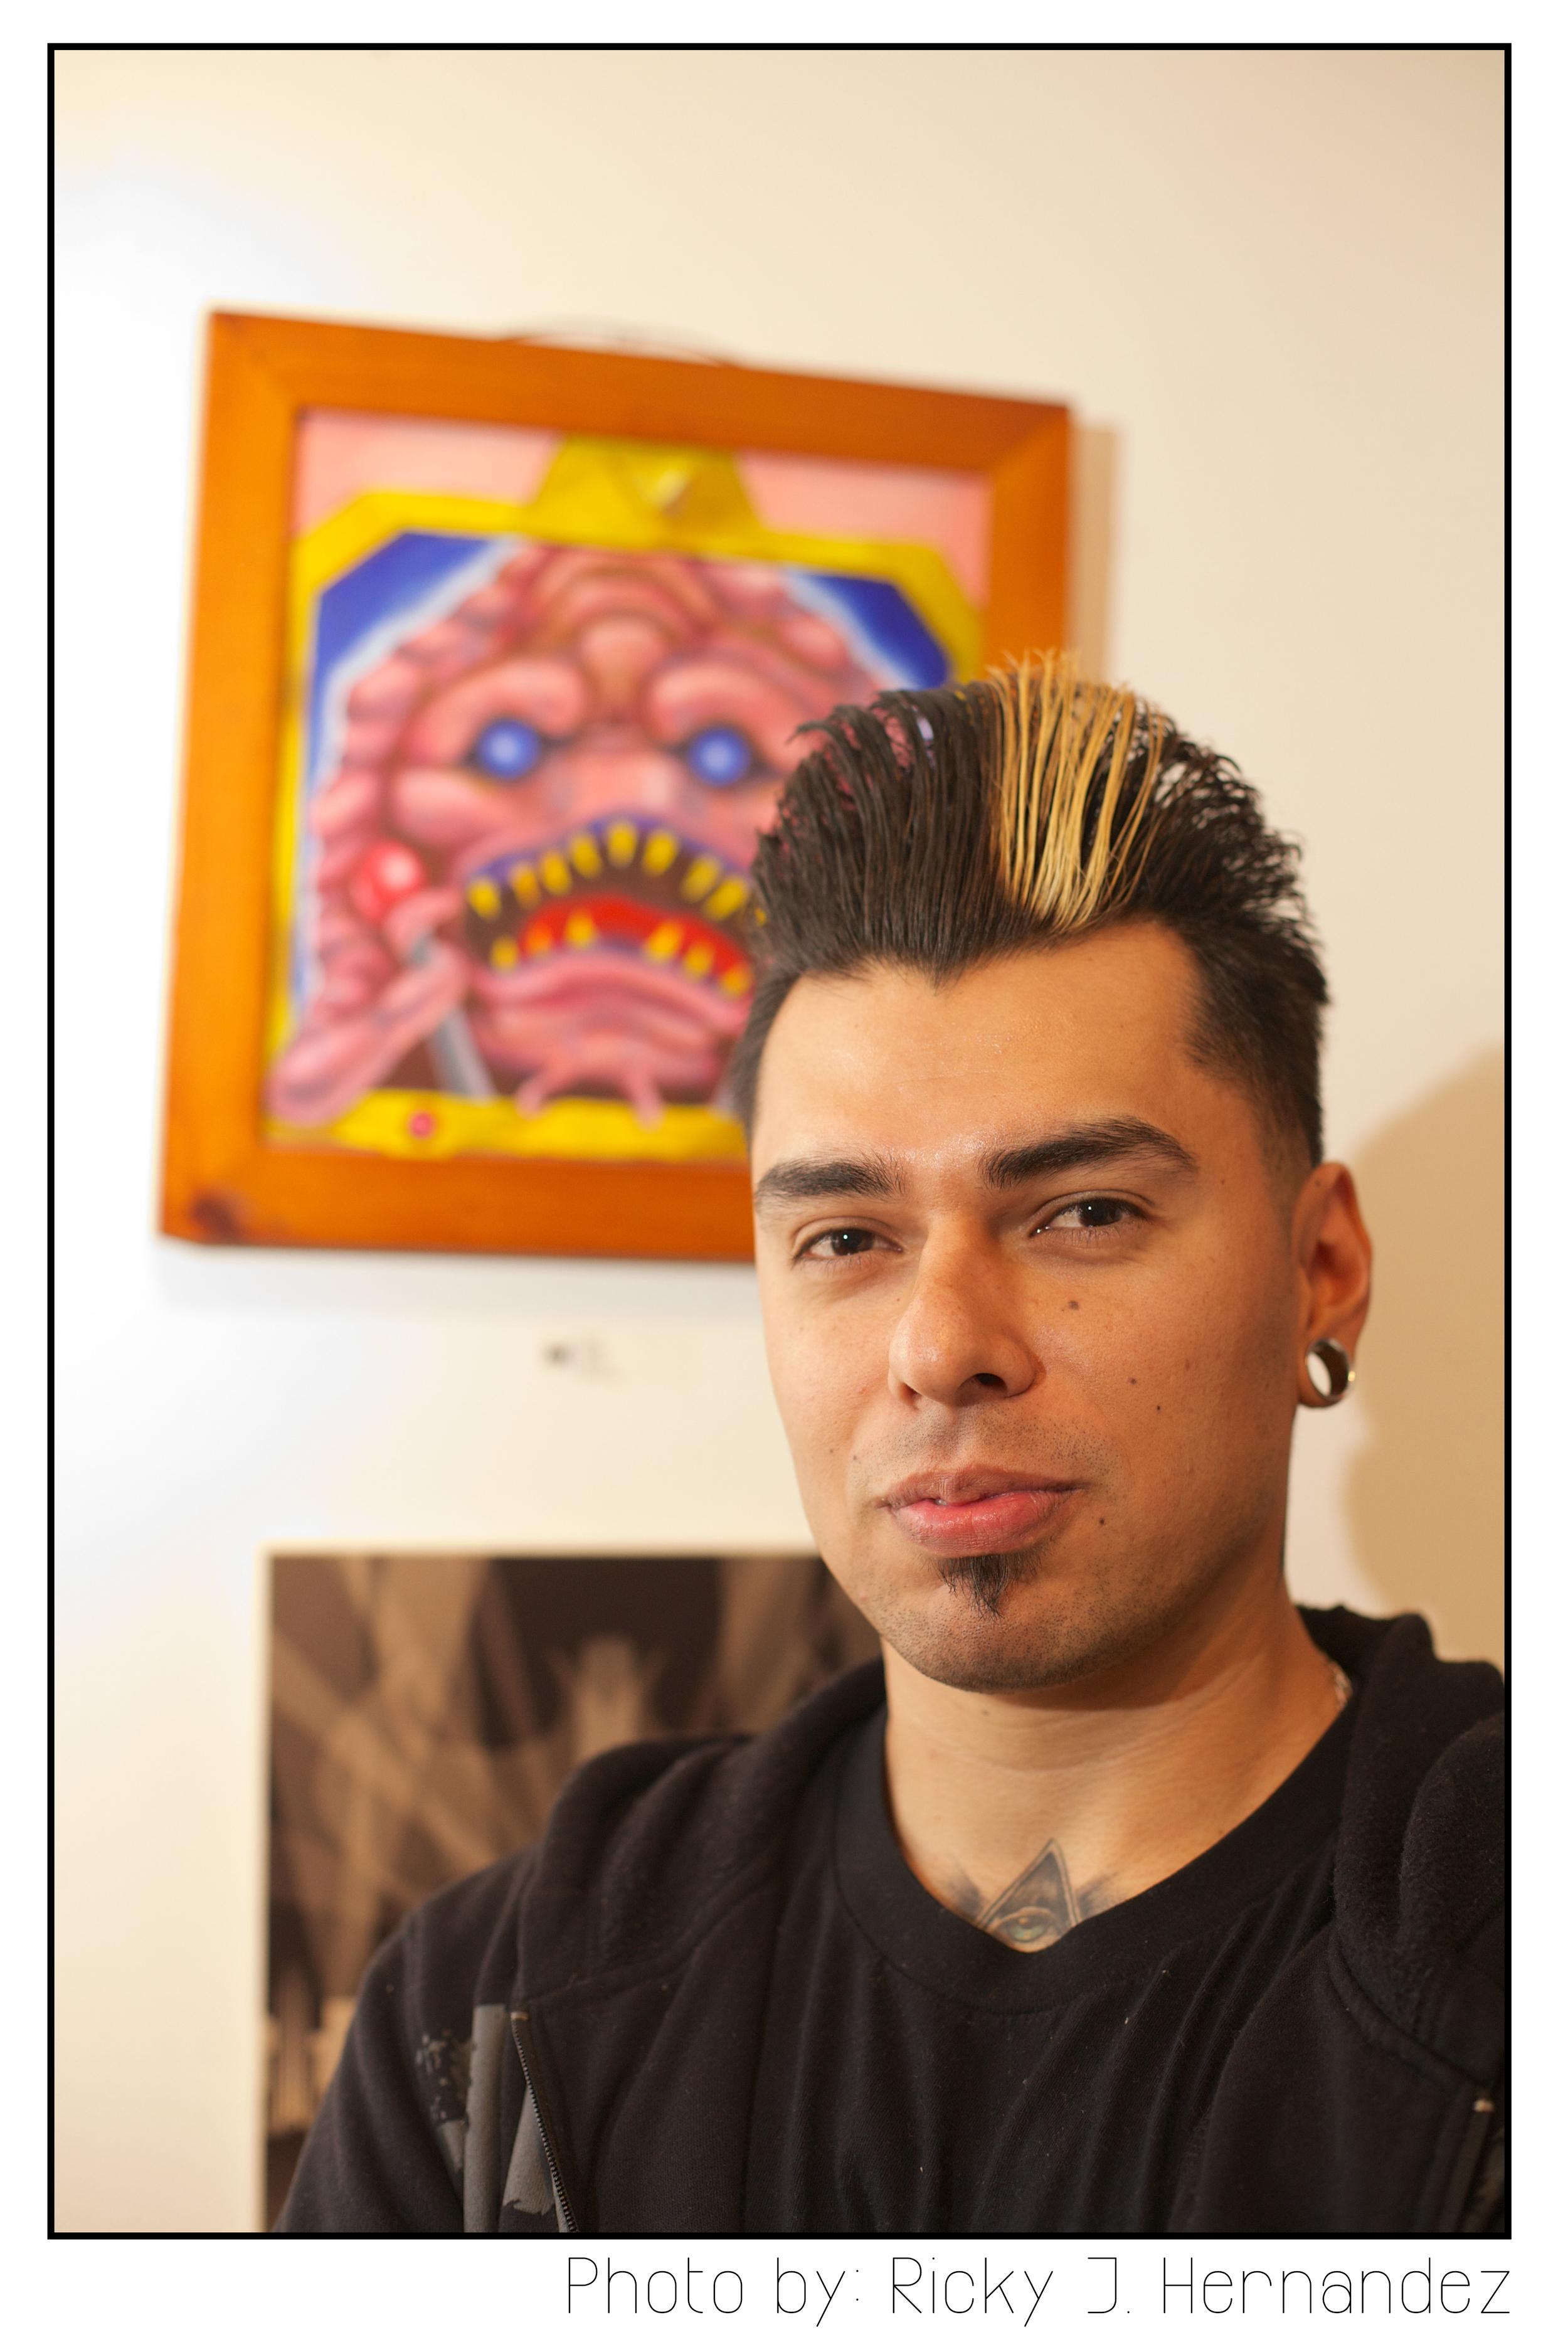 Ricky-J-Hernandez-com-714-200-3032-img-_MG_4703 copy